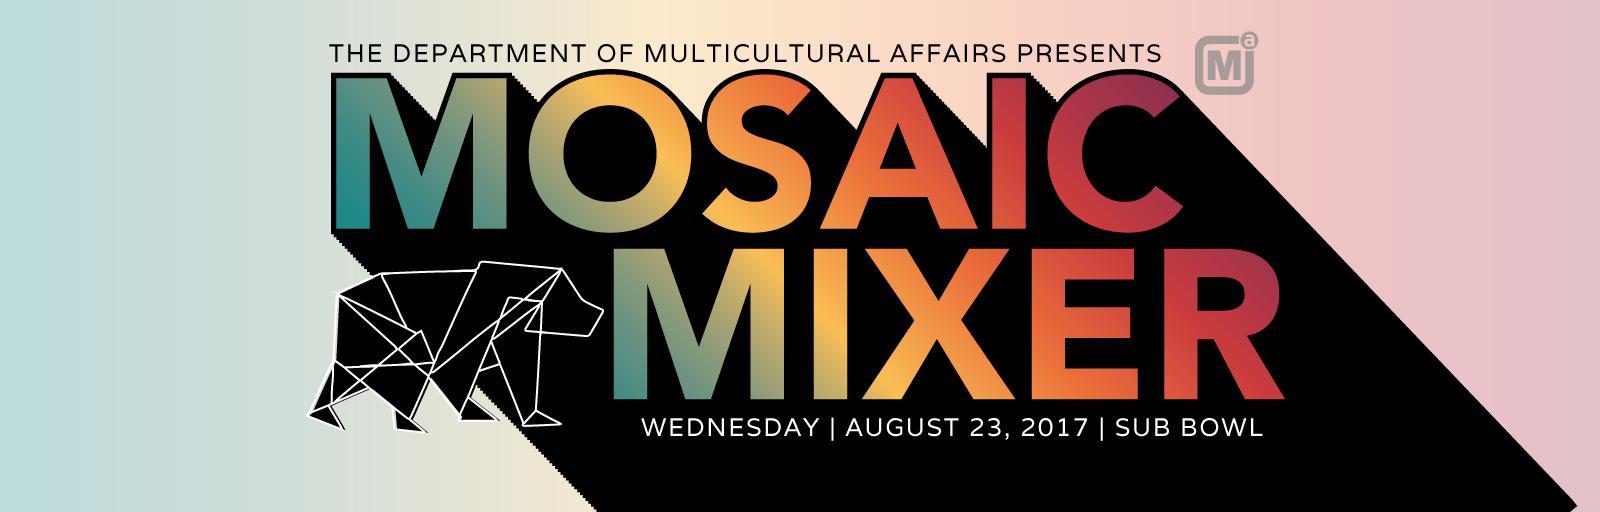 S17_Mosaic-Mixer_Diversity